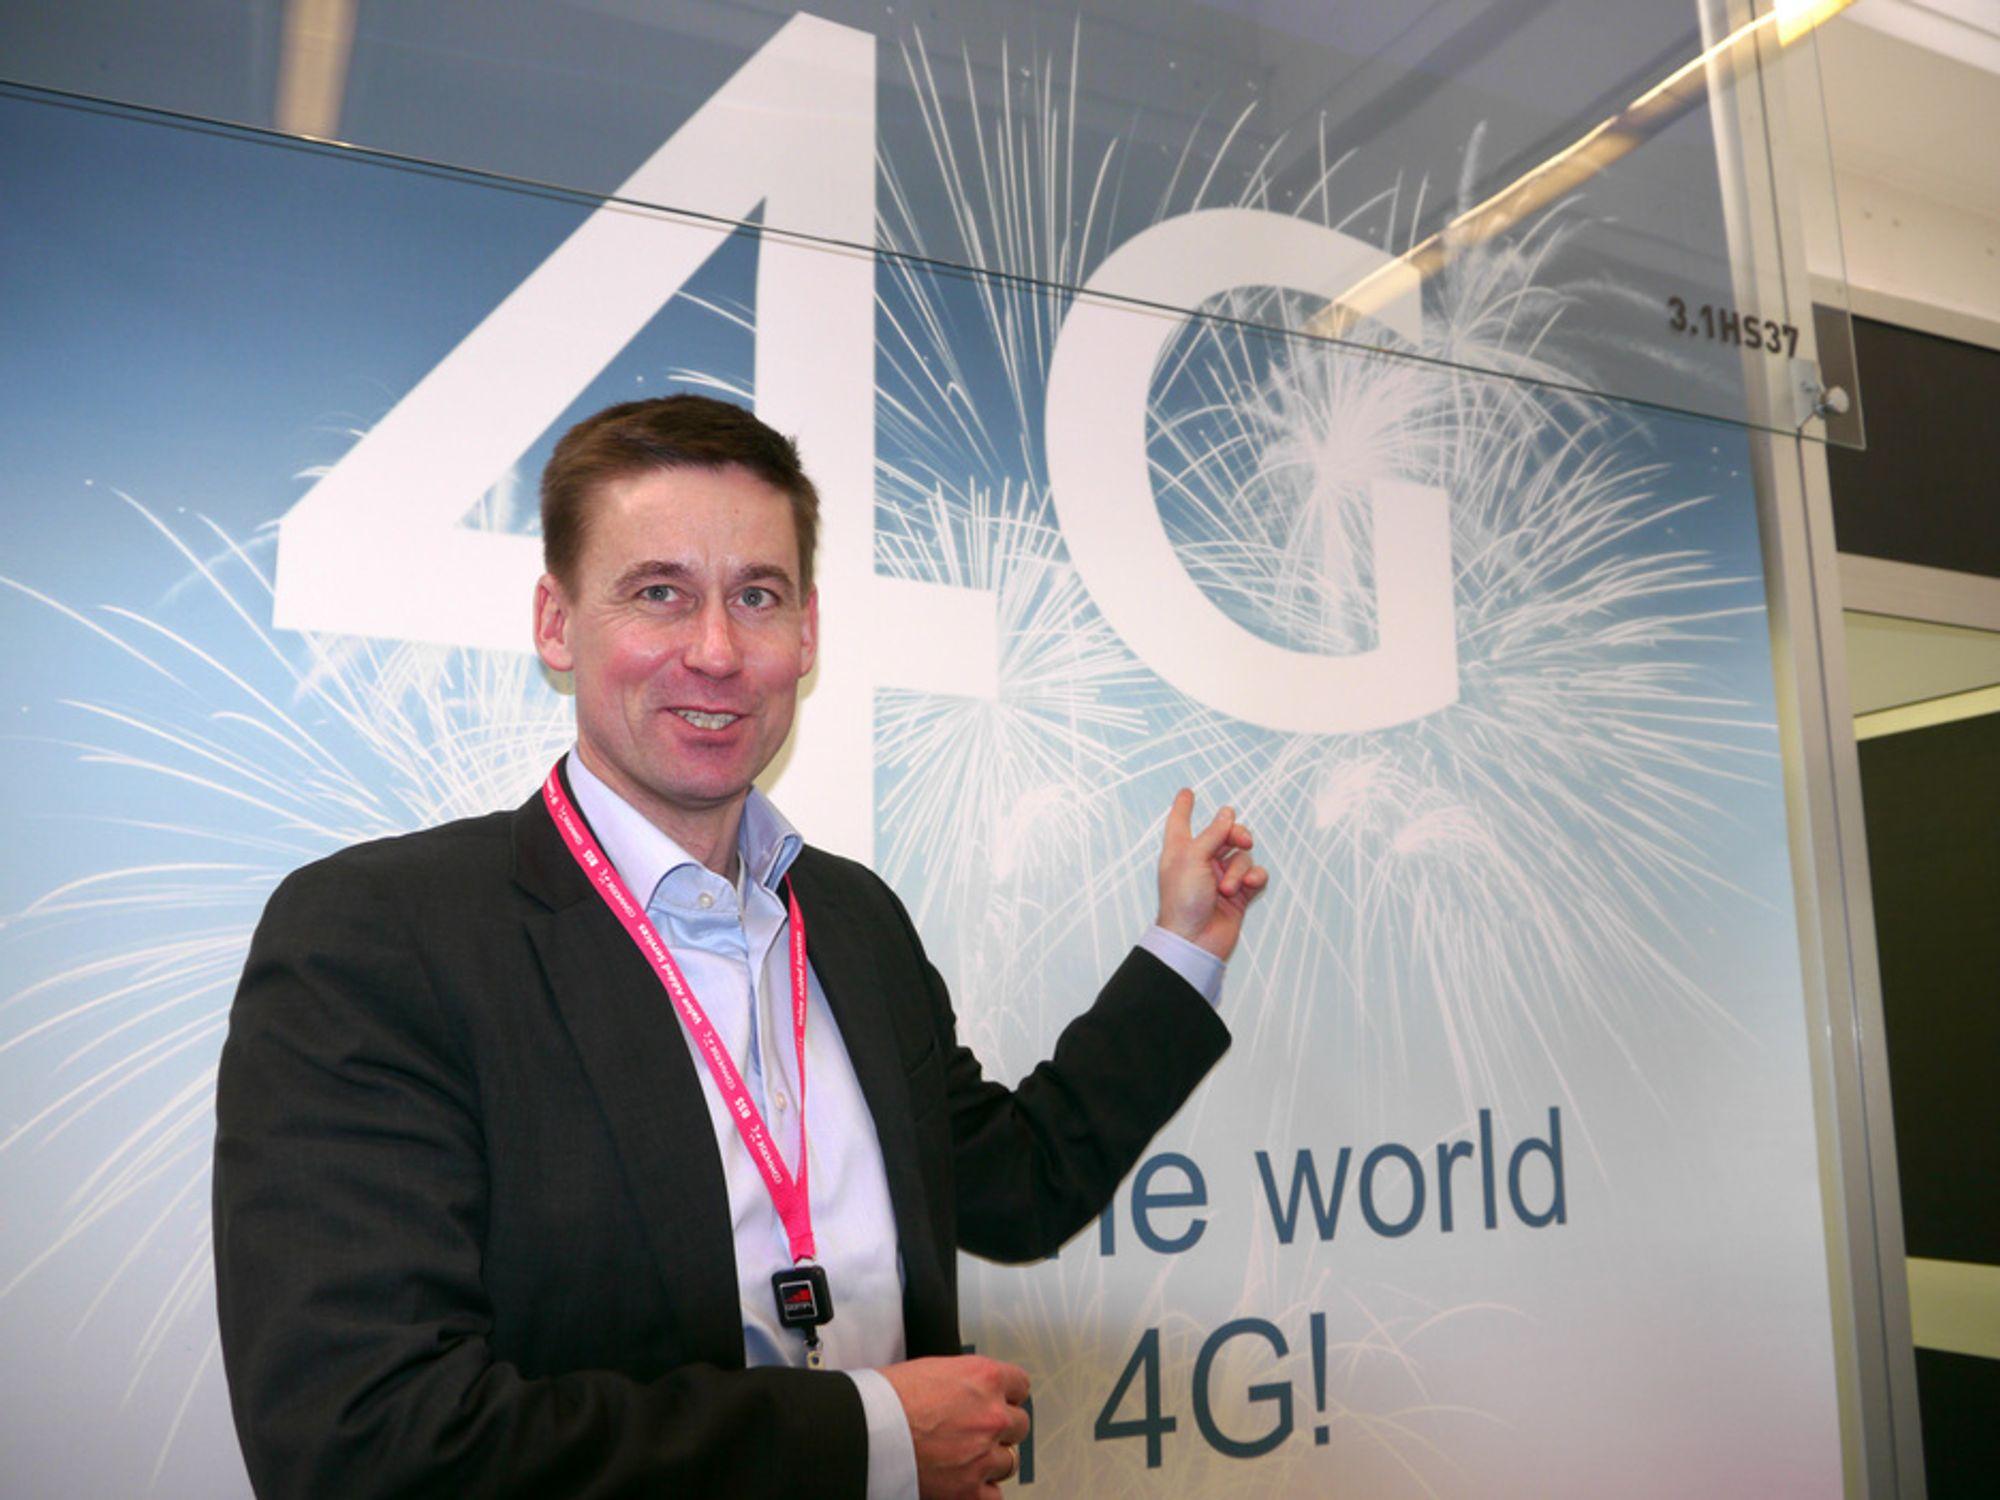 RUSTER OPP: - Dette er en satsning for fremtiden og et ekstremt løft for den mobile infrastrukturen i Norge, sier administrerende direktør August Baumann i Netcom.